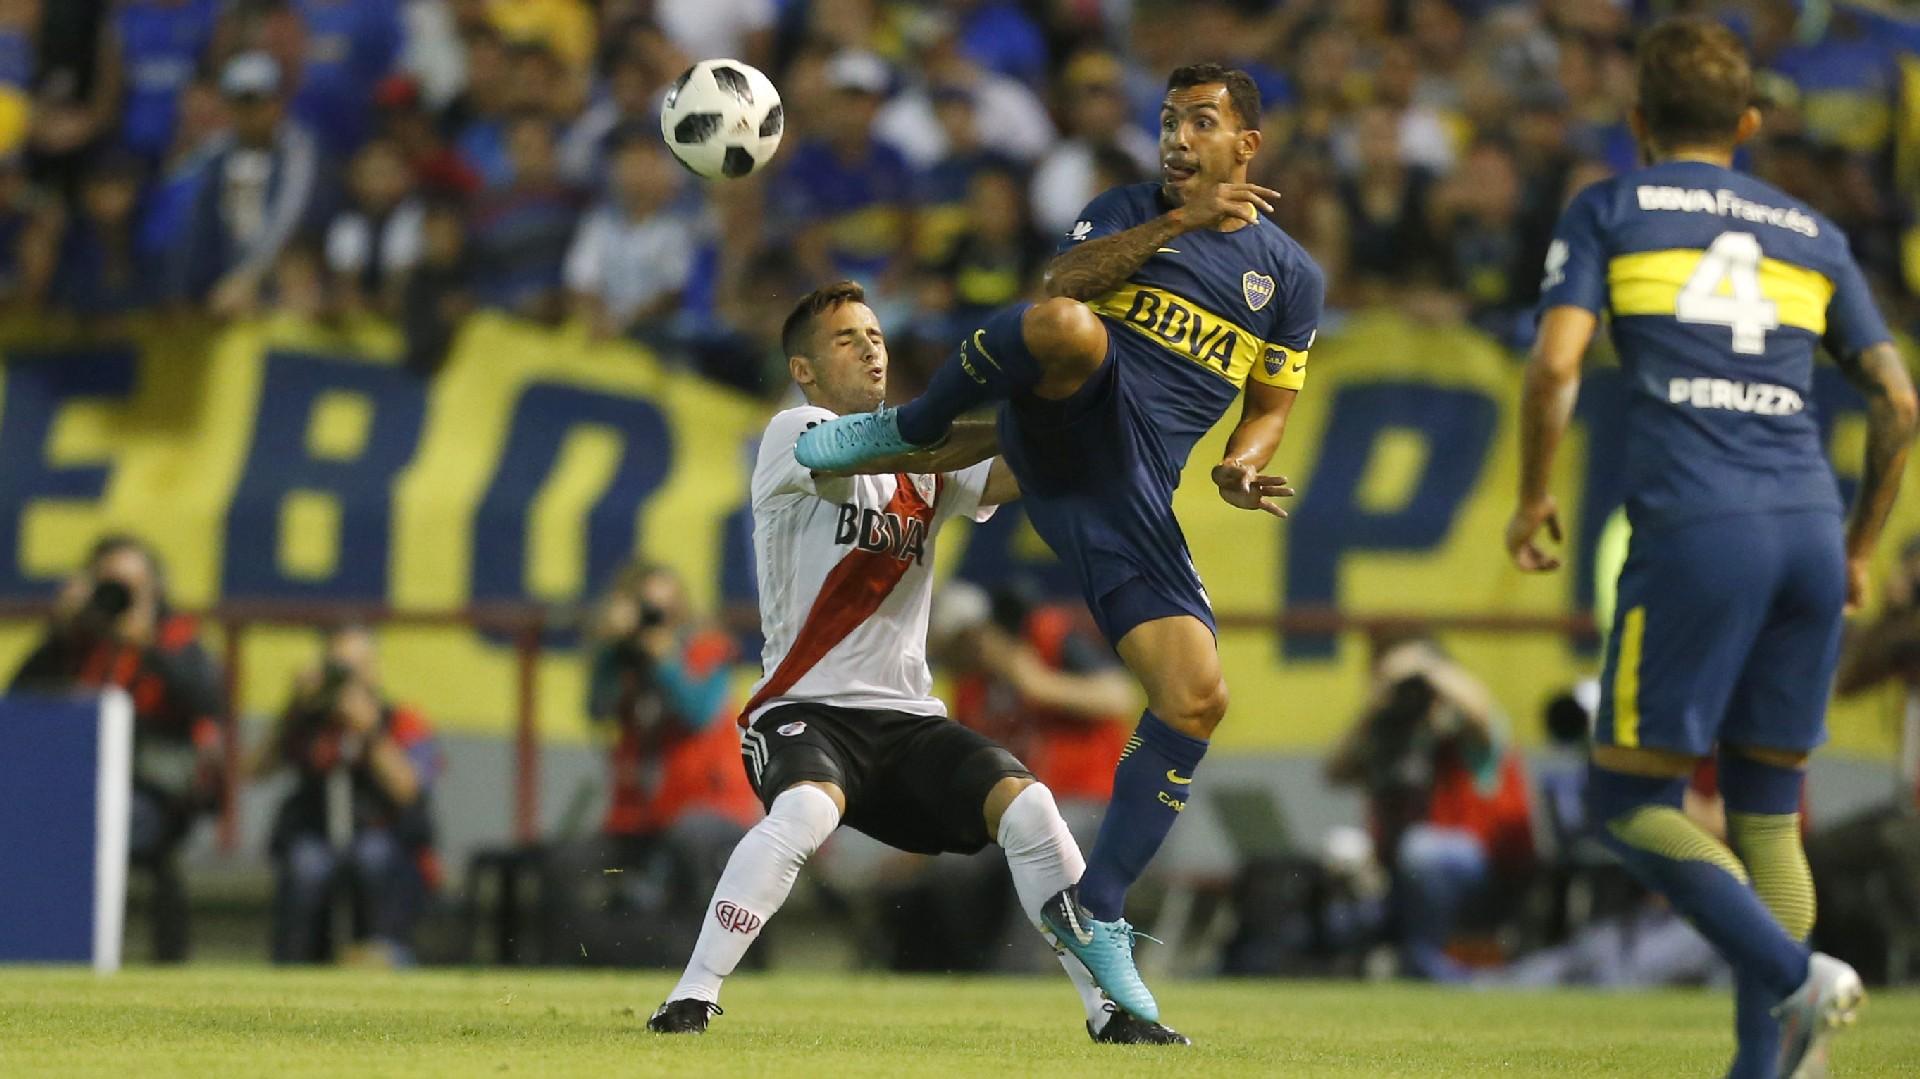 Boca y River disputarán la Supercopa Argentina el 14 de marzo (Nicolás Aboaf)